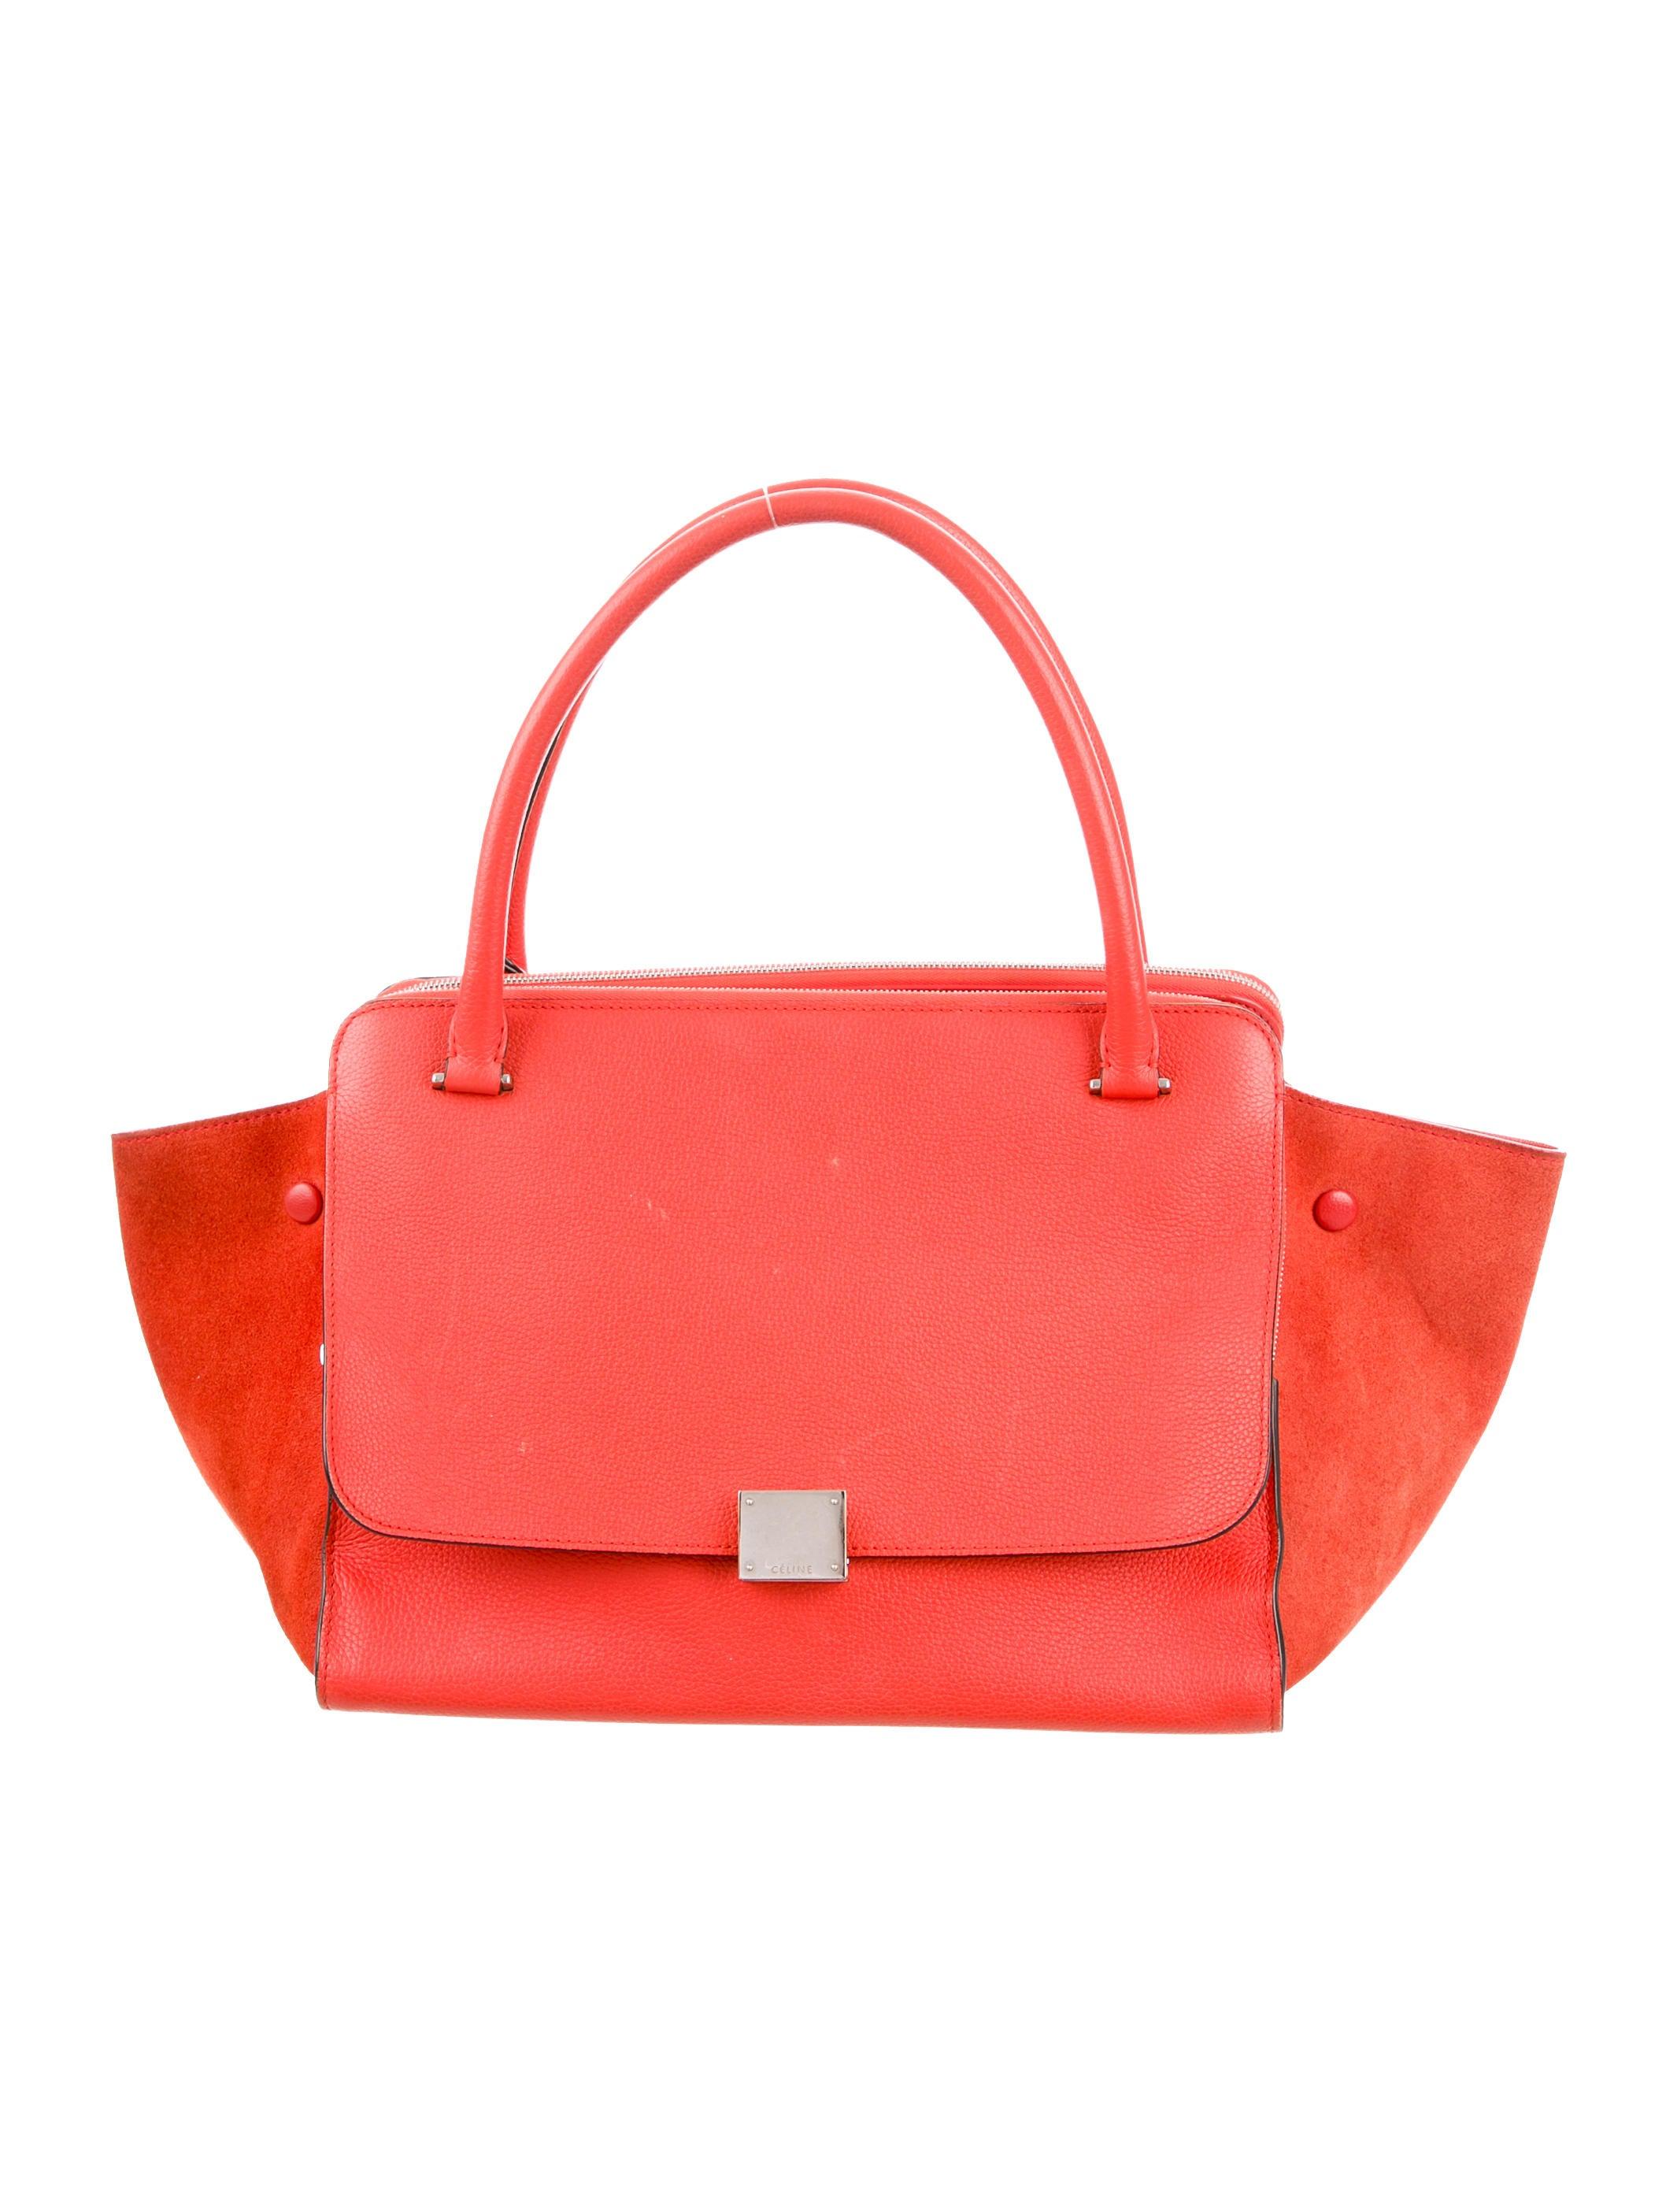 83bf2ab13670 Celine Céline Double Zipper Trapeze Bag - Handbags - CEL44453